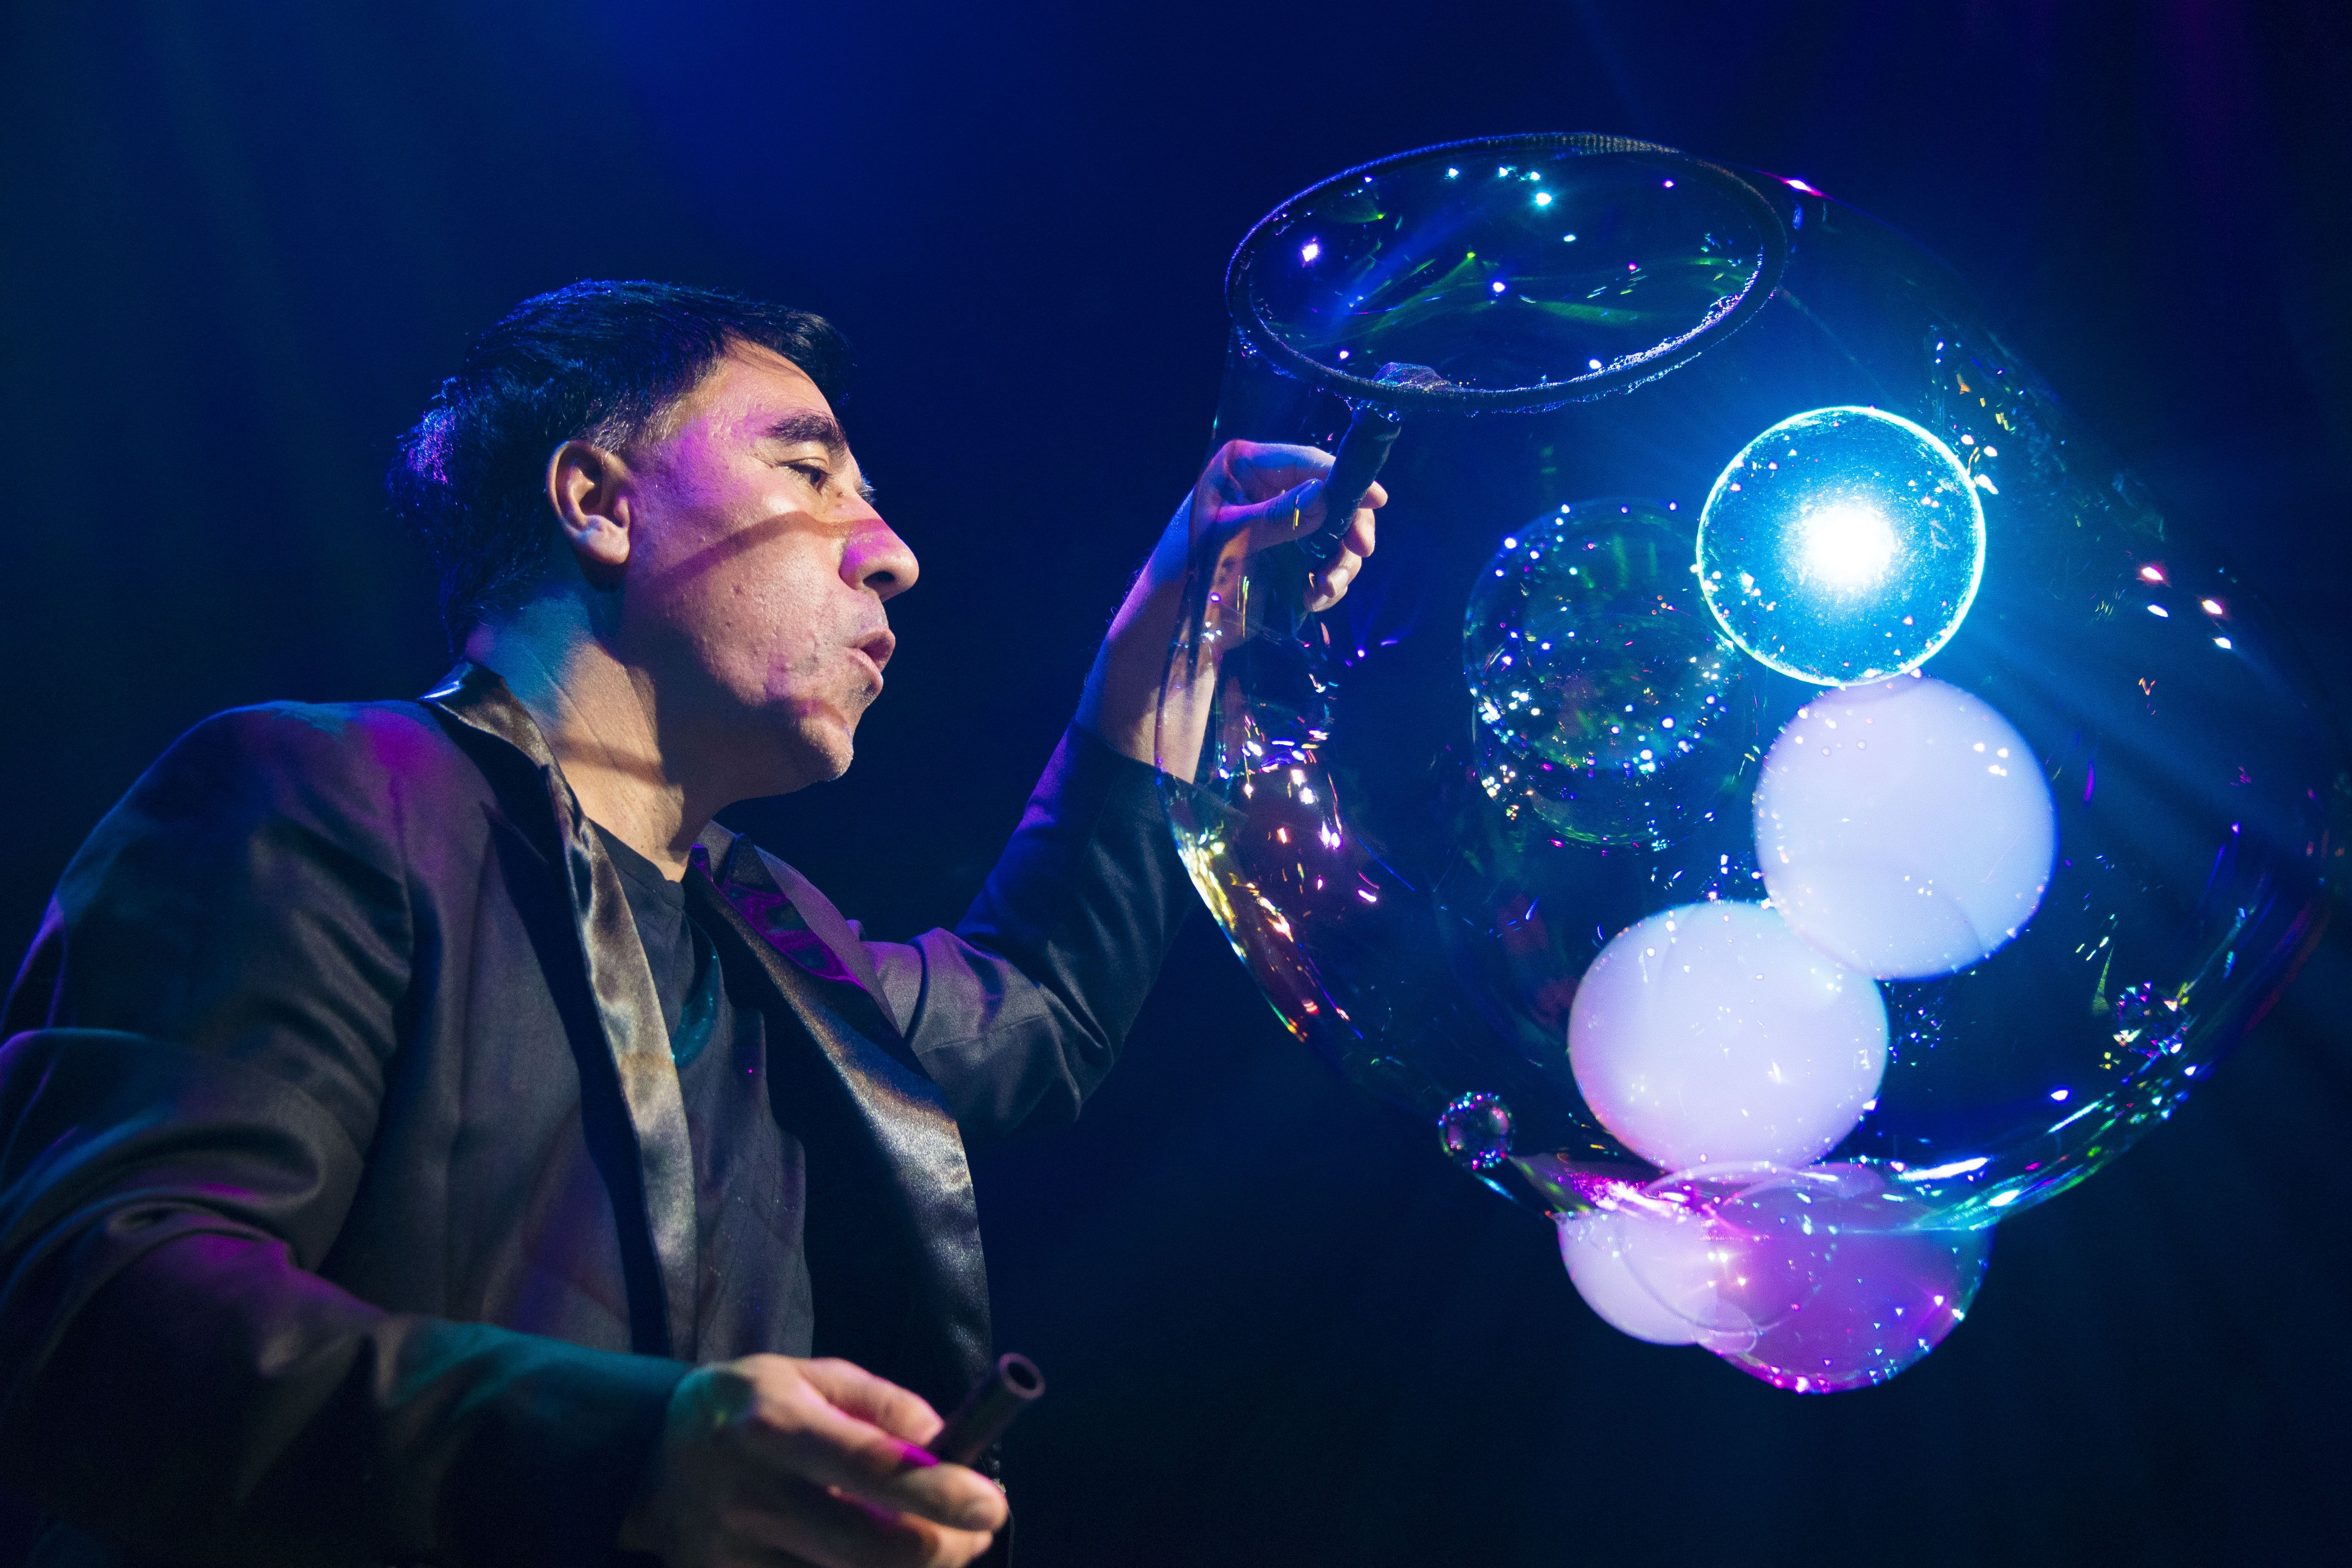 Pop bubble show at SeaWorld Orlando